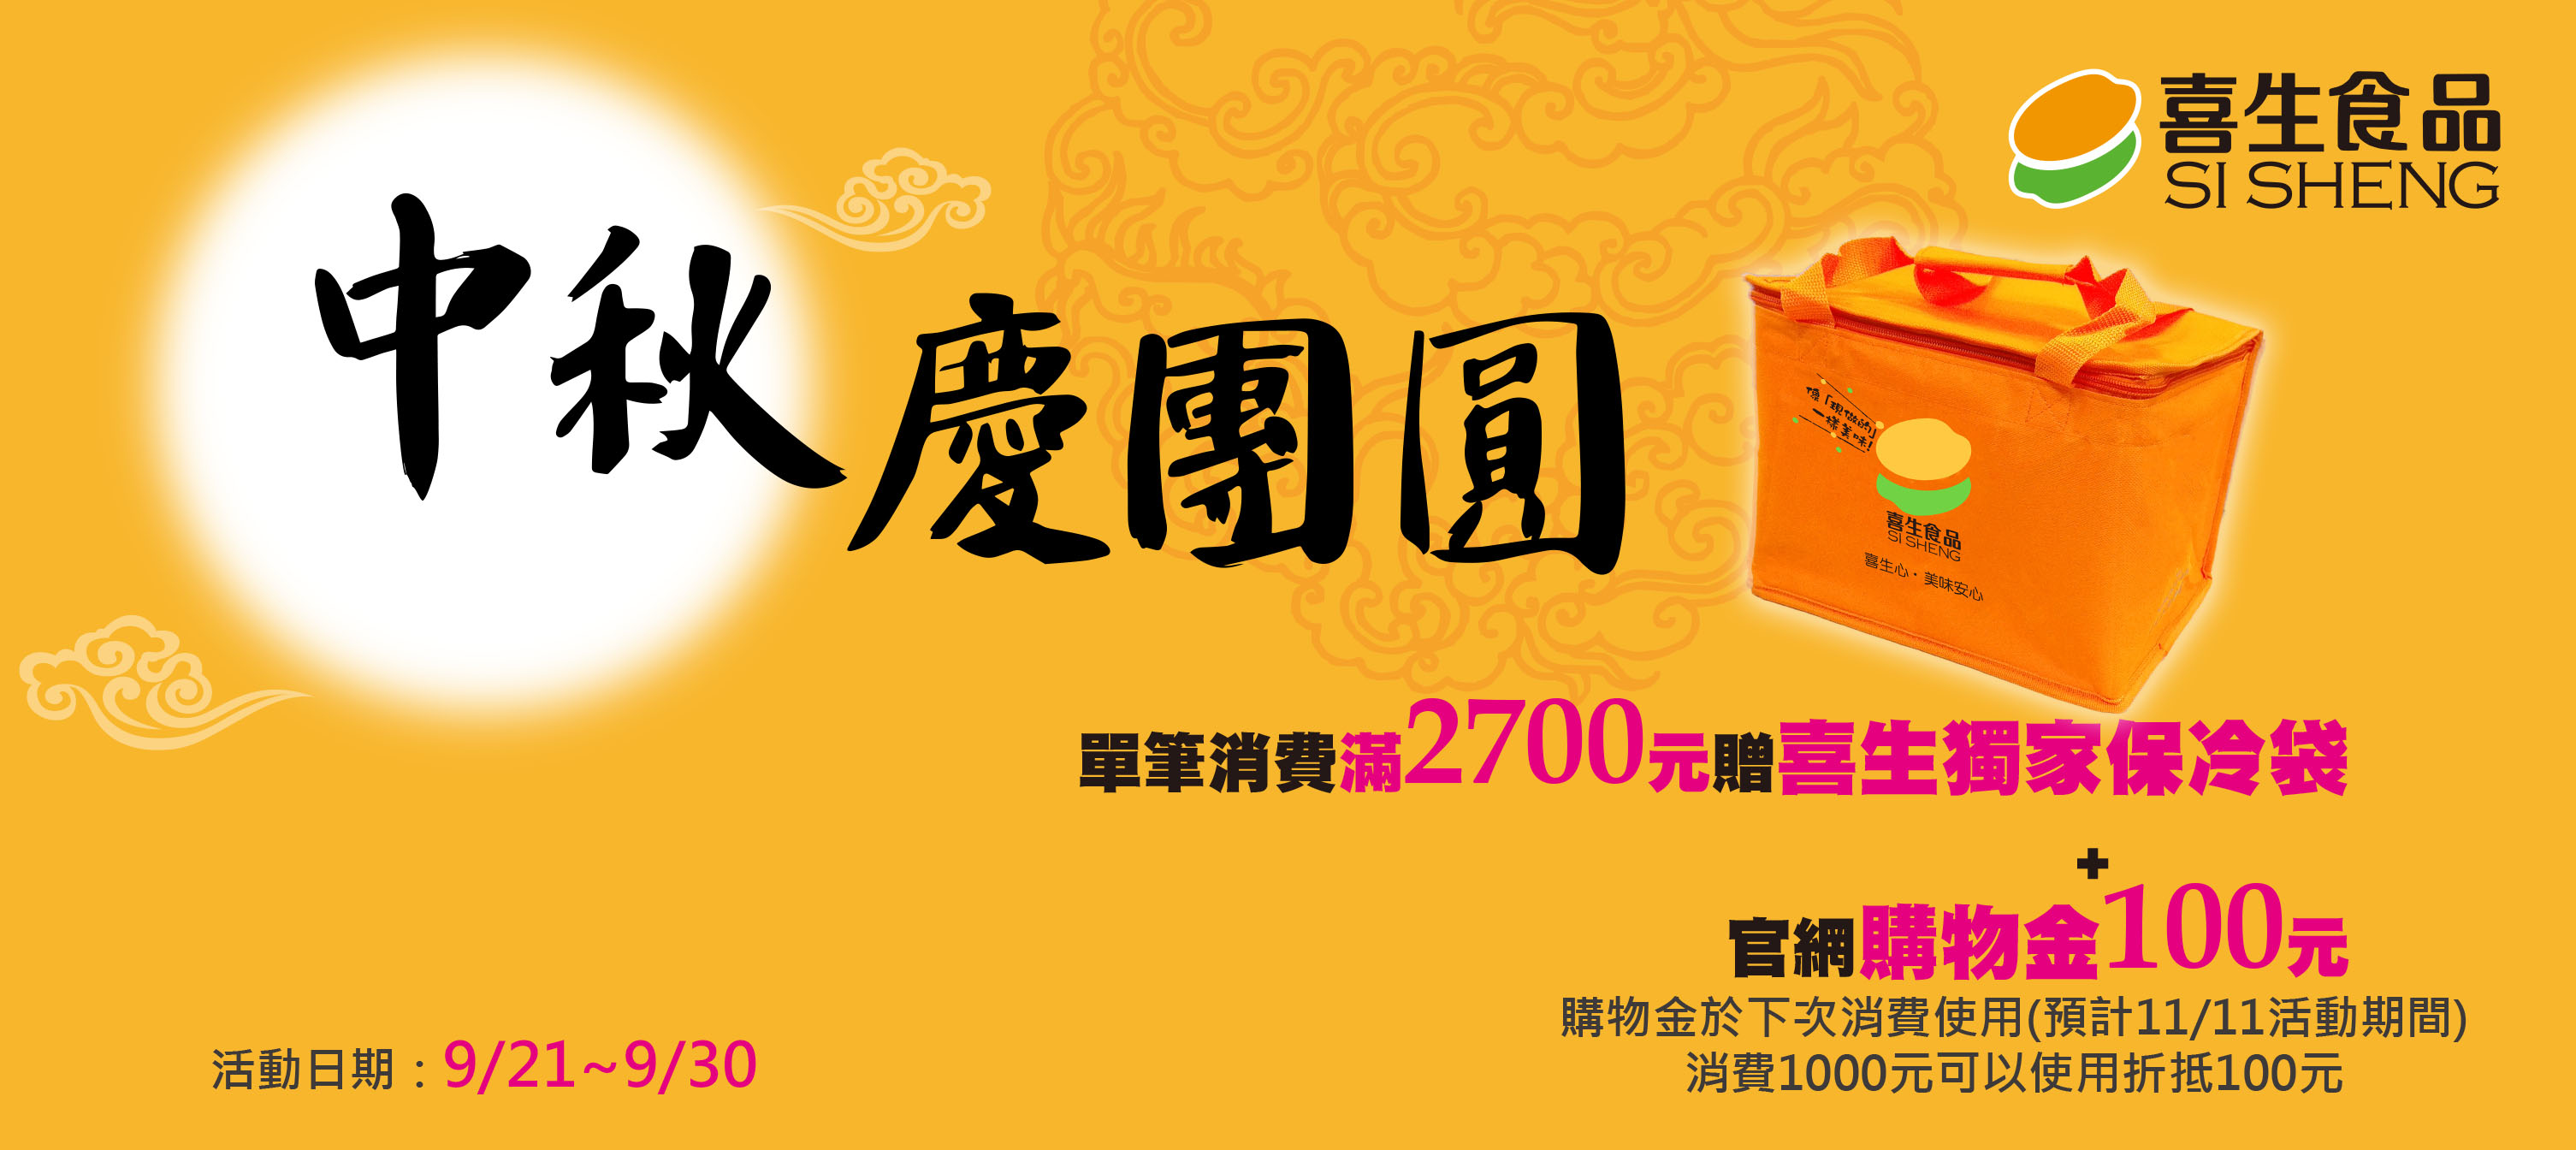 中秋慶團圓 - 喜生米漢堡